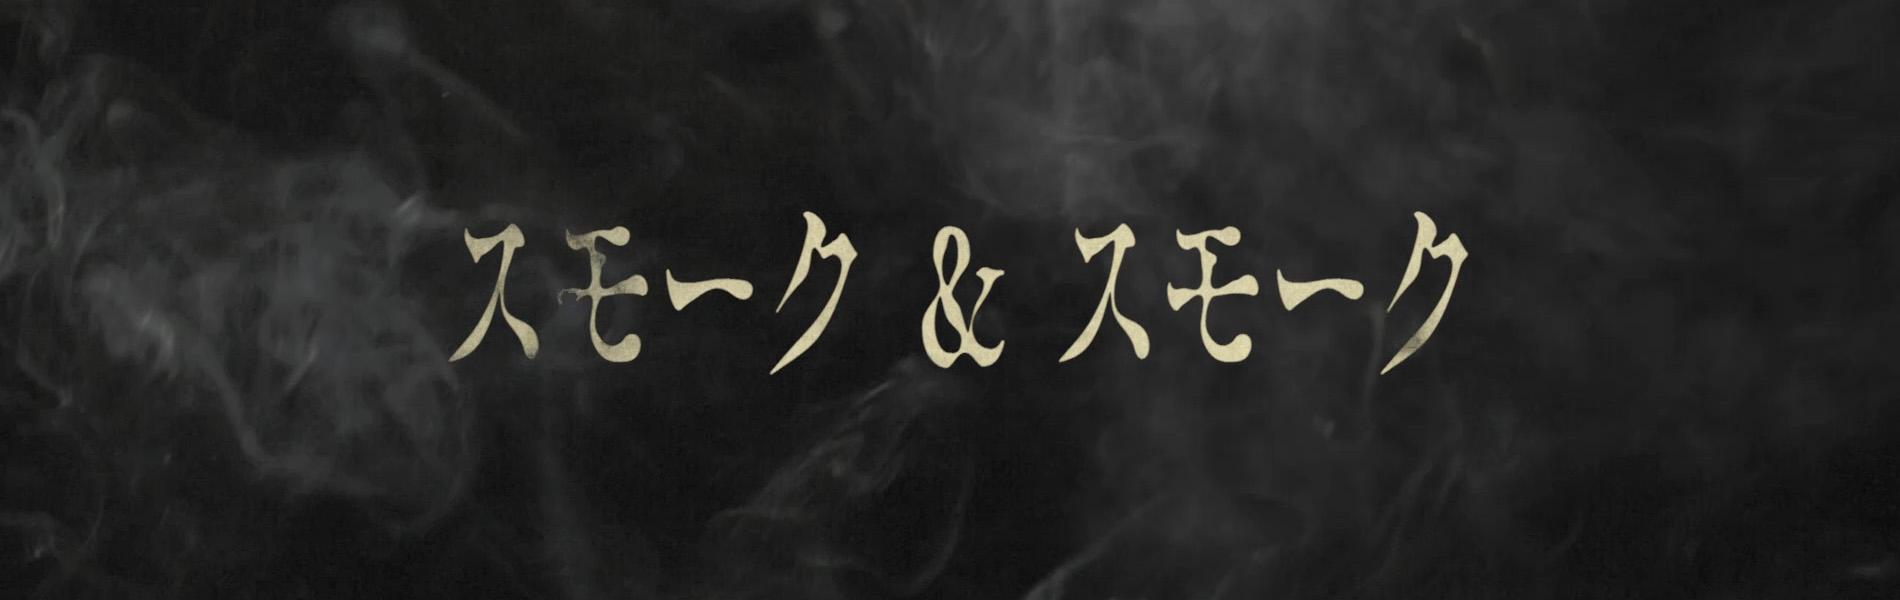 動画「スモーク&スモーク」